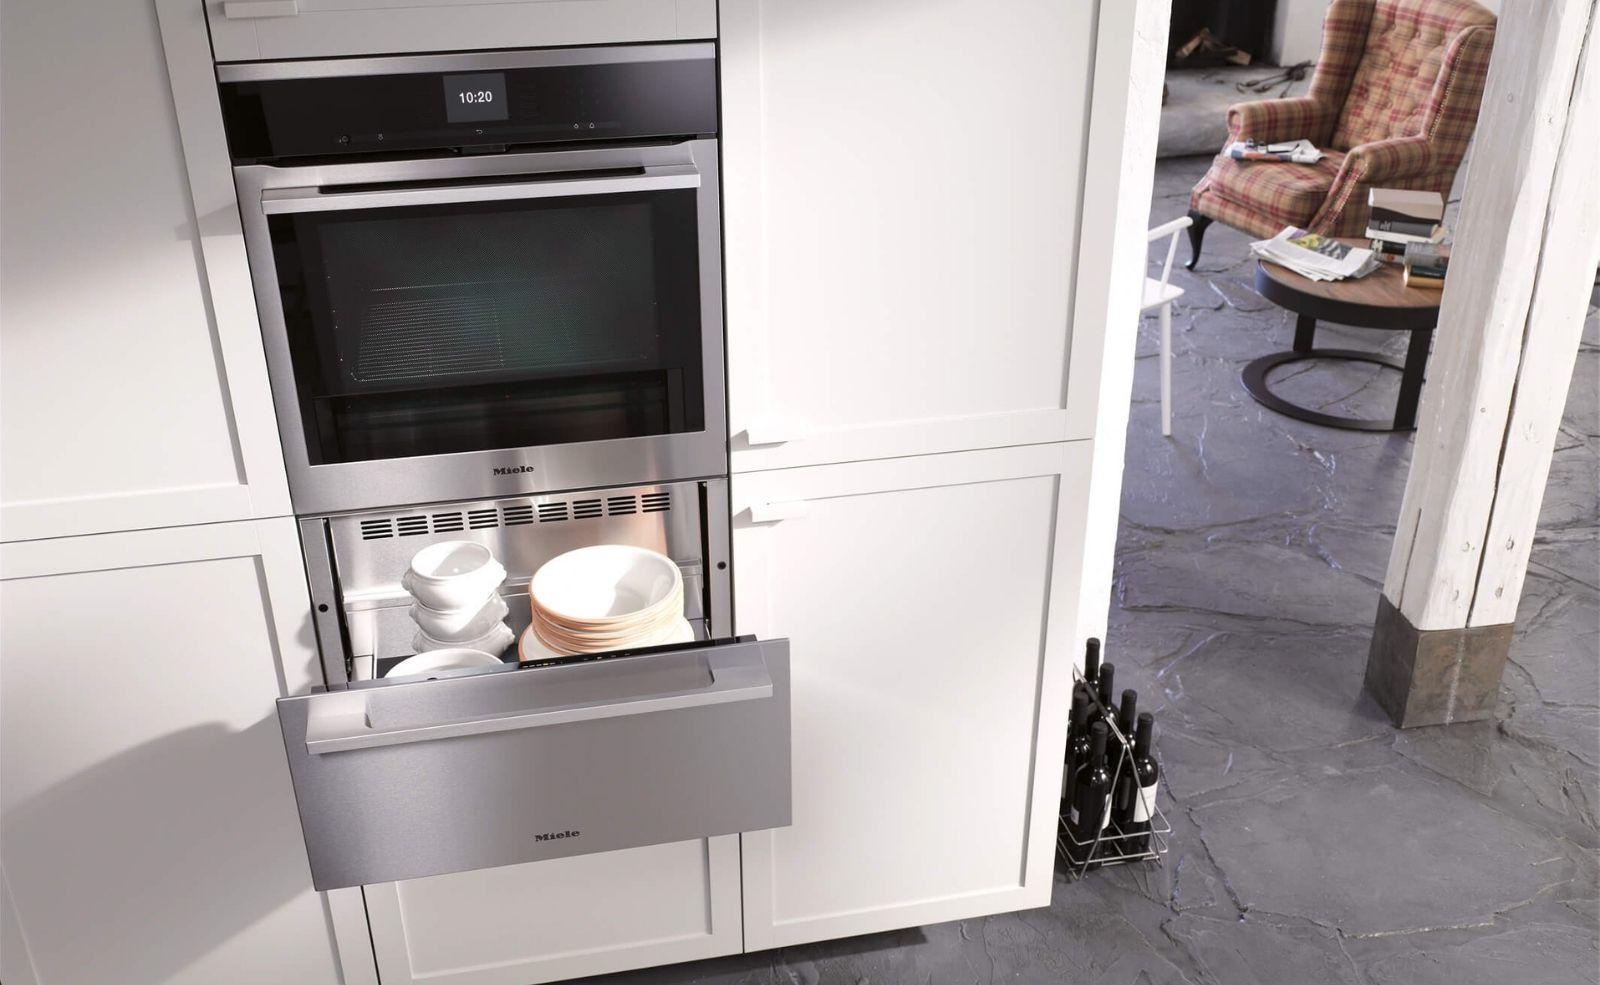 Wärmeschublade in der Küche: Lohnt sich der Kauf? Tipps, Infos & Erfahrungen